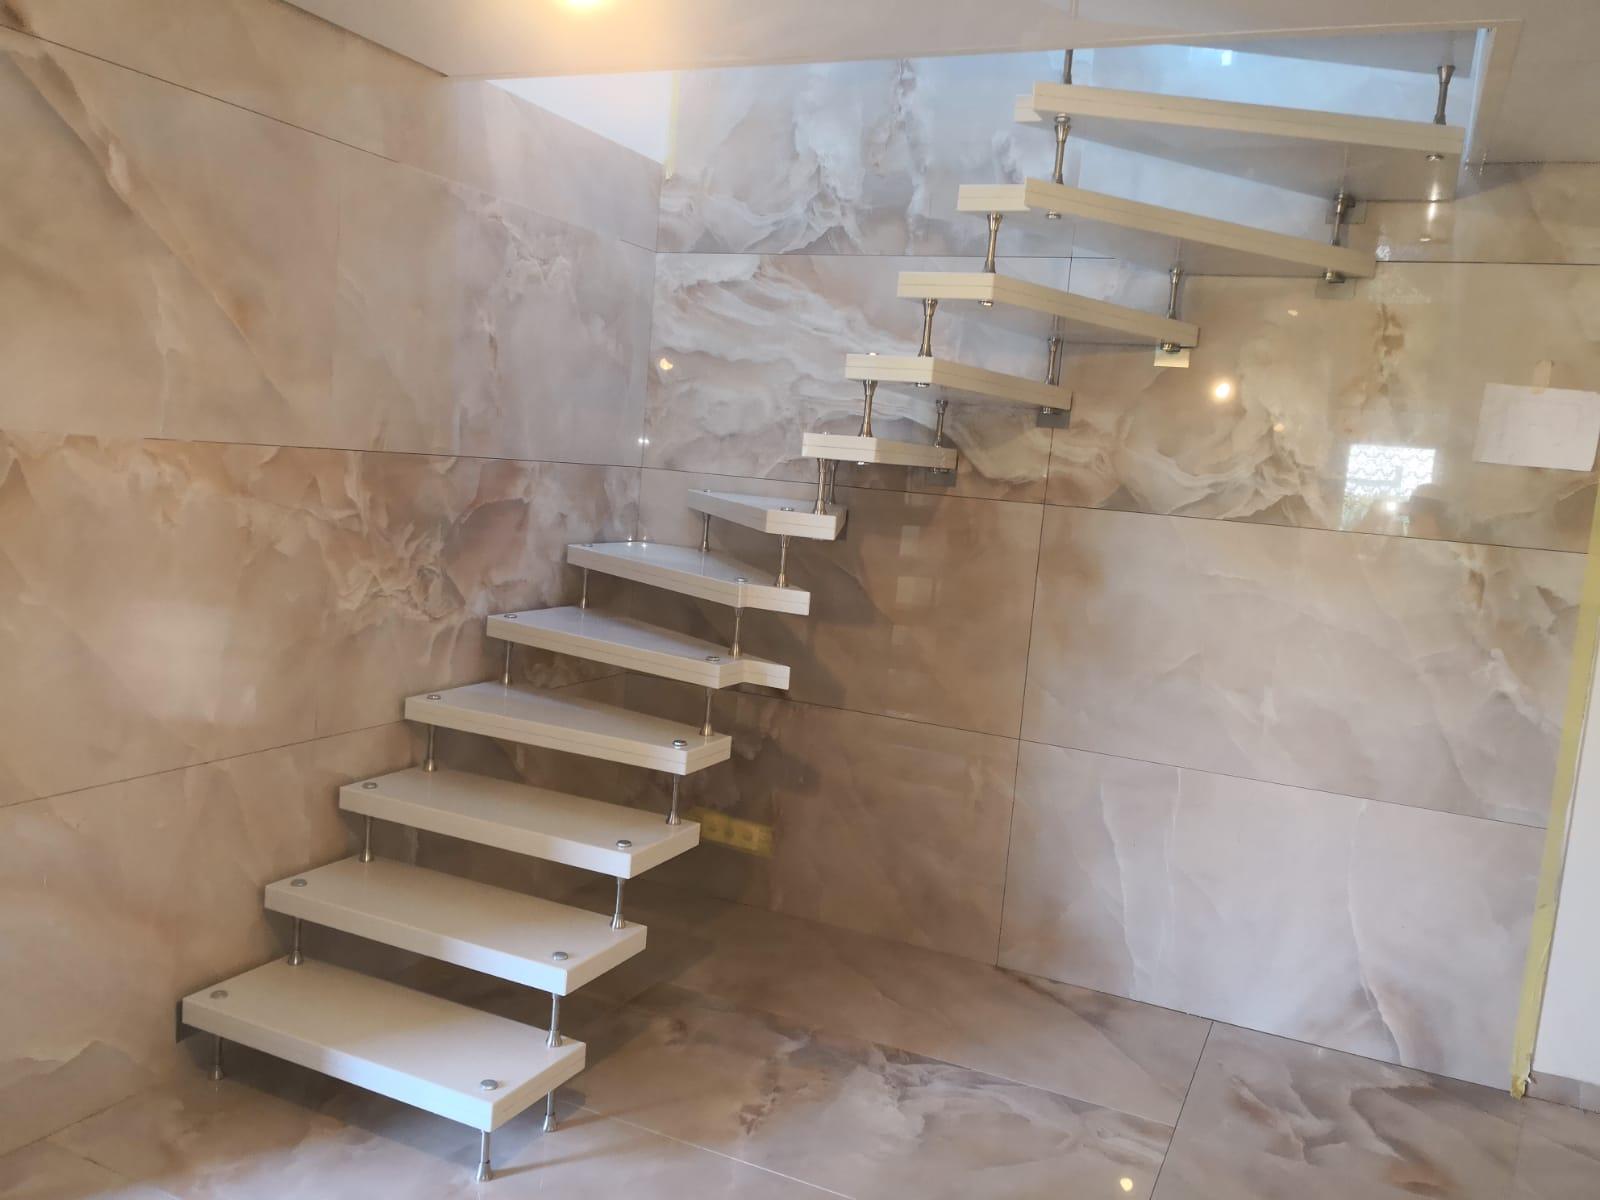 Mach neu - Neue Treppenanlage